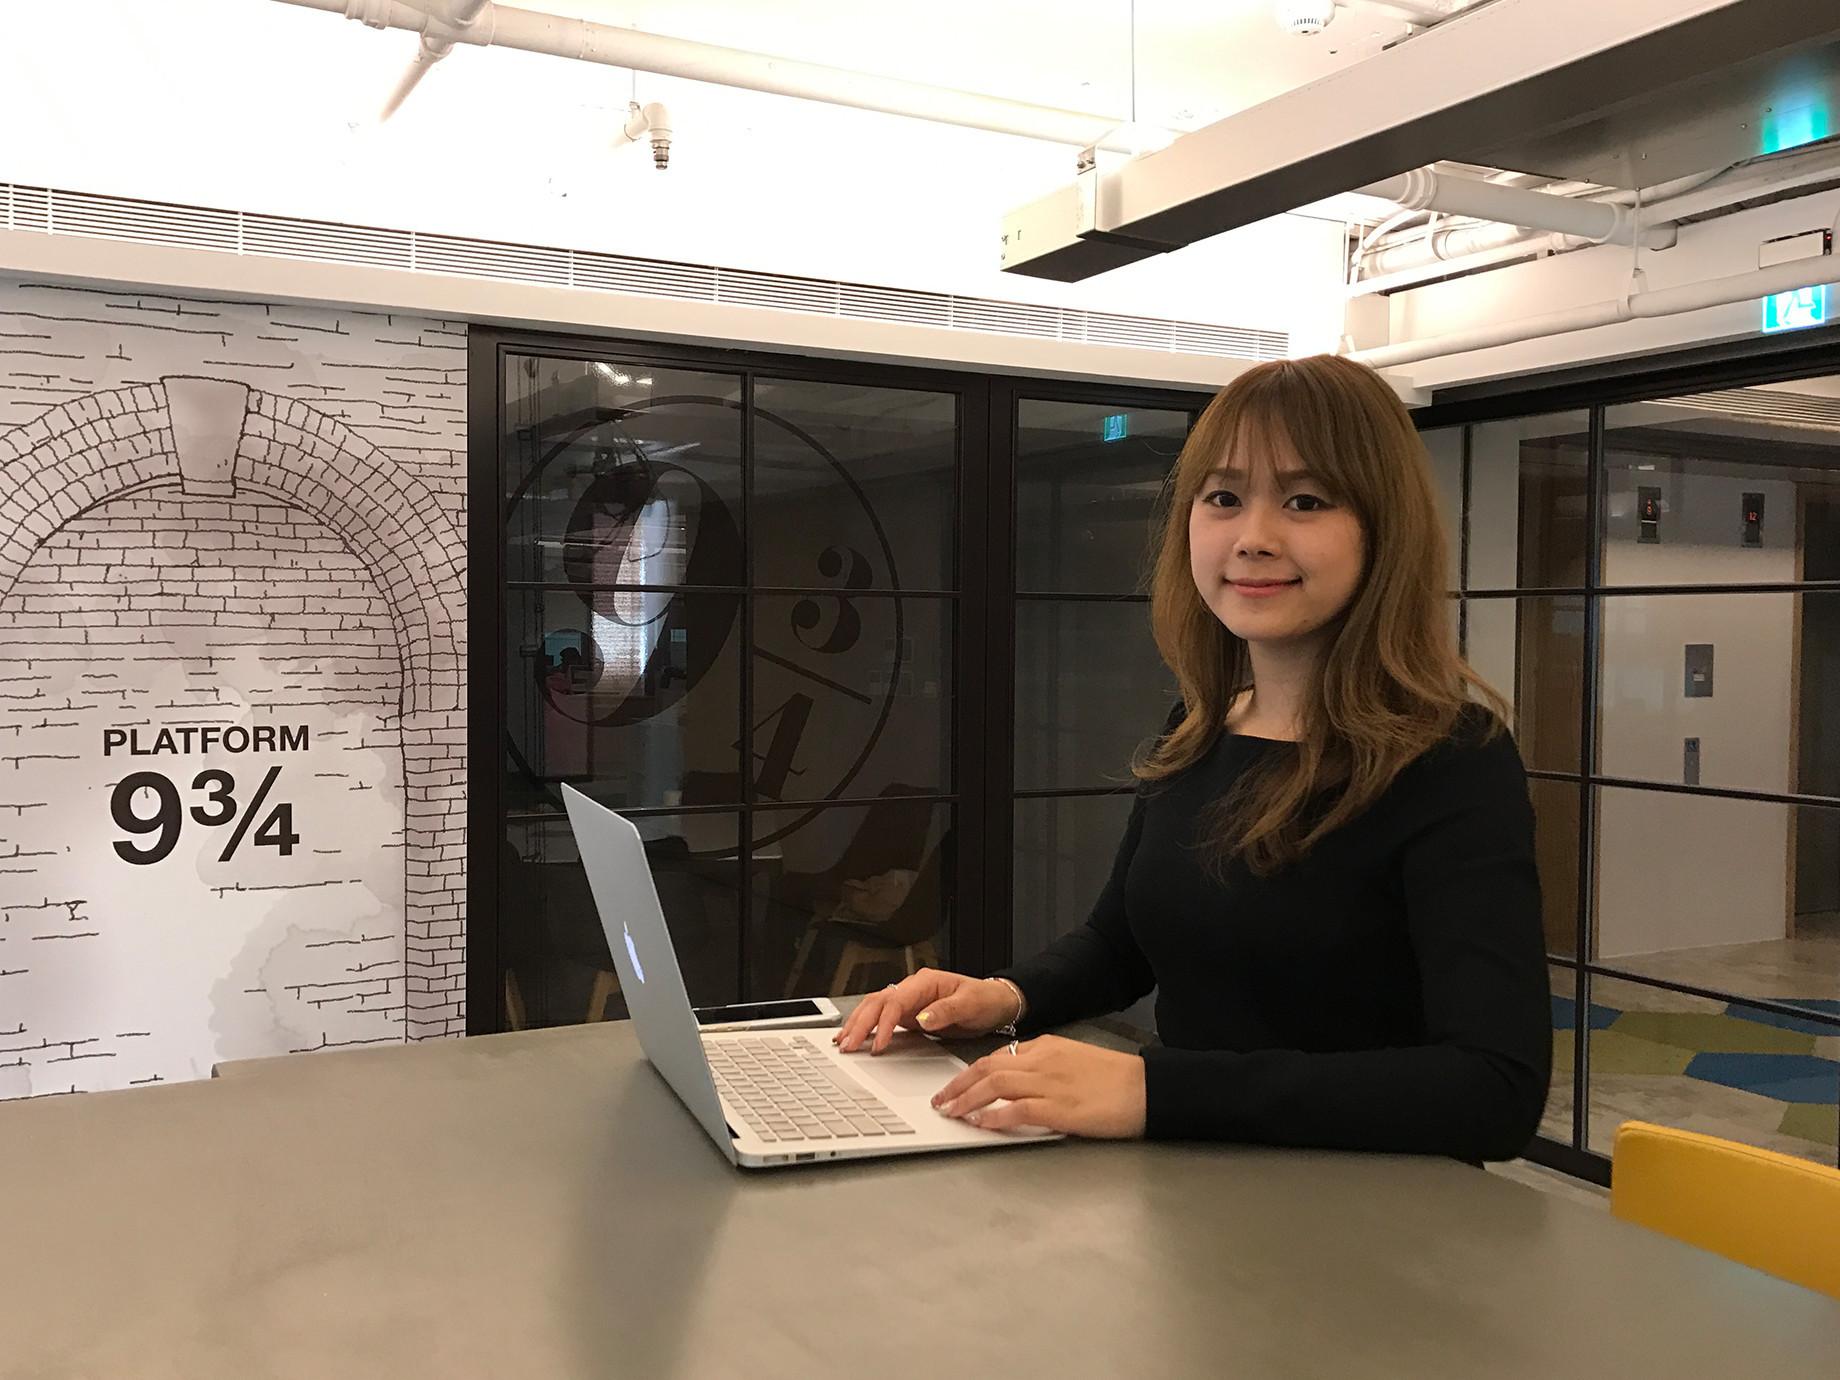 工作分享》劉韋君(生洋數位媒體行銷經理):堅持把習慣的事做好做久,業績就會好